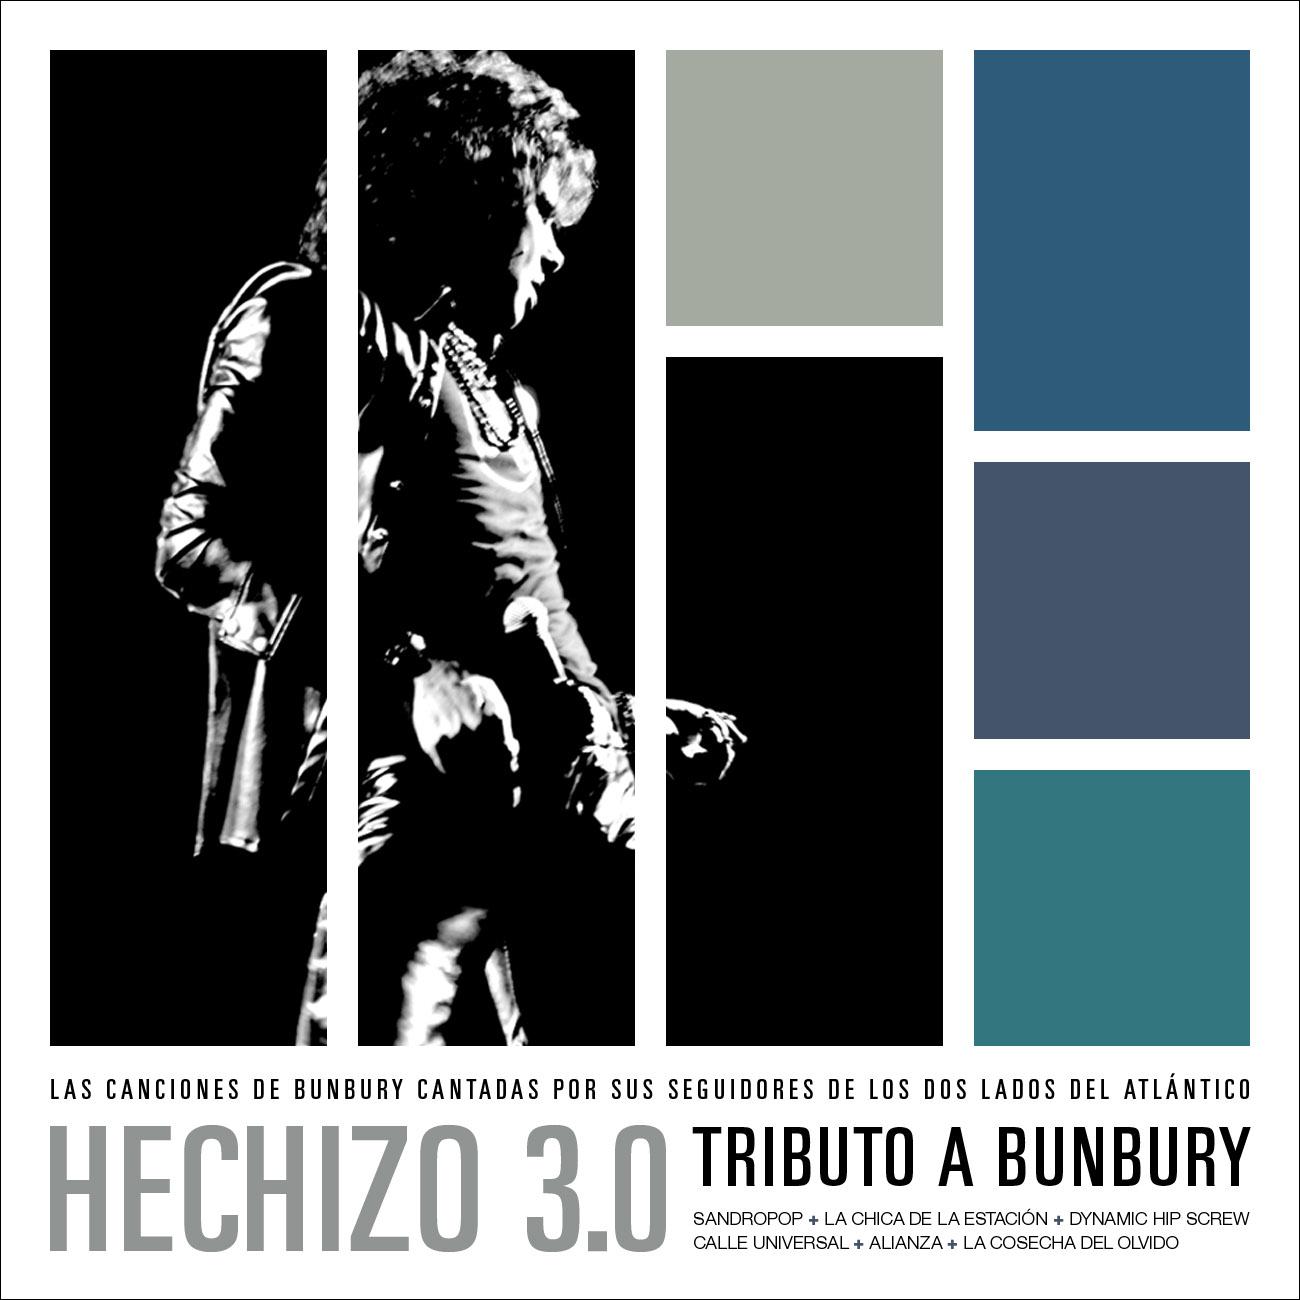 Descargar Mp3 de Hechizo La Carta Bunbury gratis - 4:39